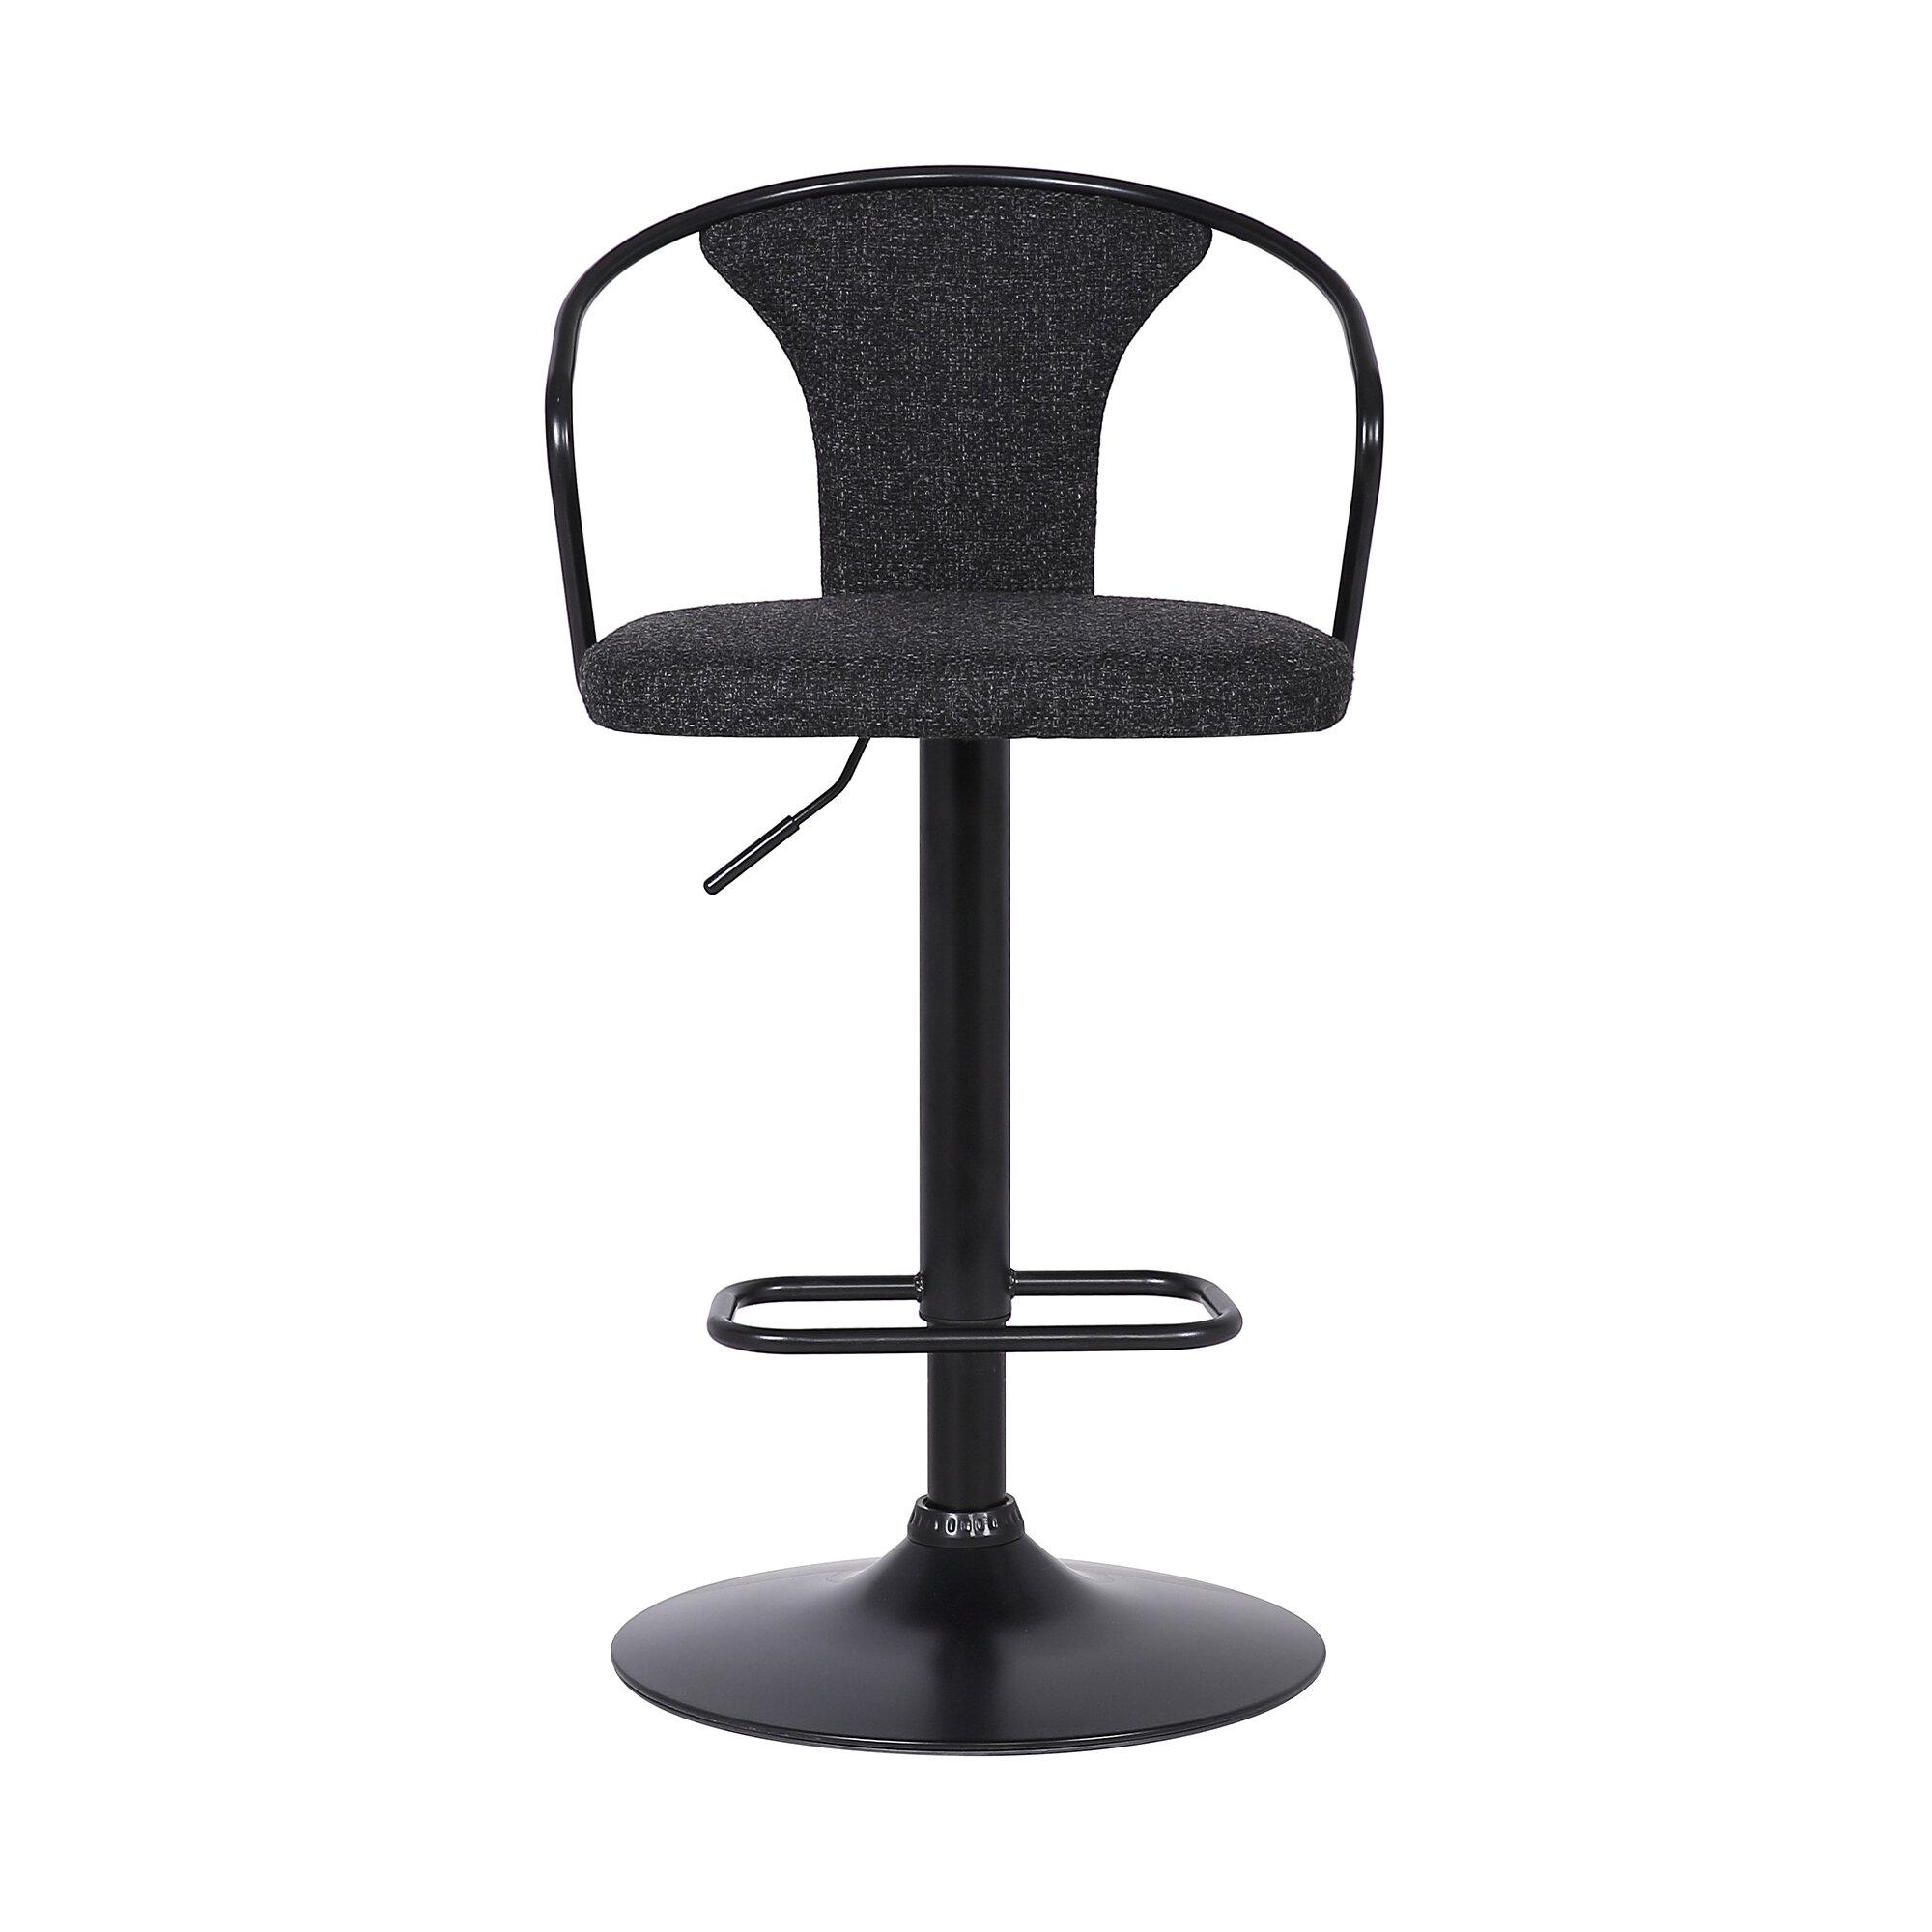 Fabulous Dakoda Adjustable Height Swivel Bar Stool Inzonedesignstudio Interior Chair Design Inzonedesignstudiocom